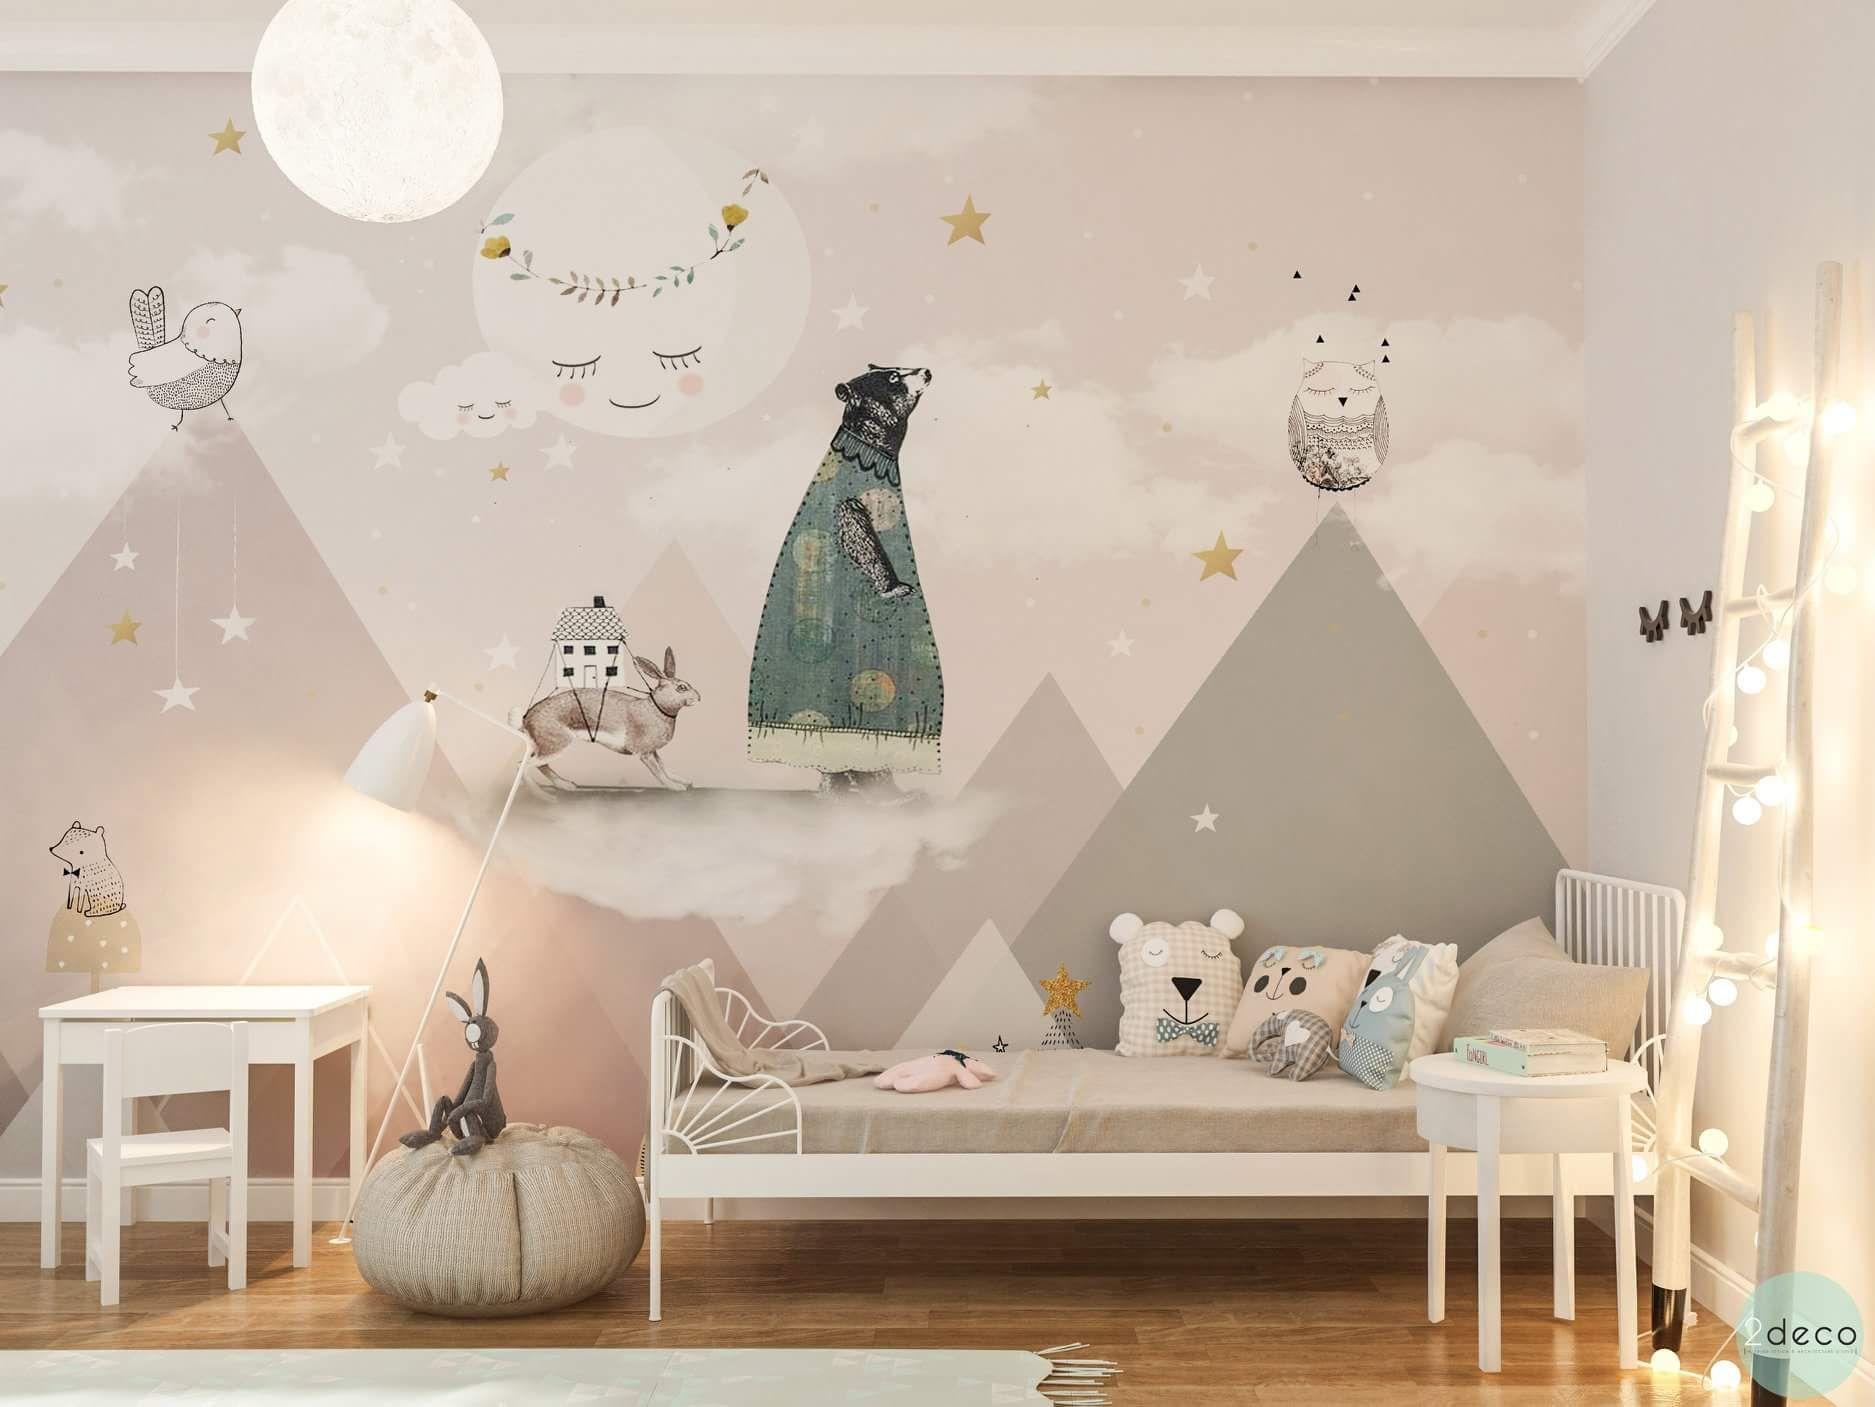 Full Size of Pin Von Ica Auf Amenajari Interioare Zimmer Kinderzimmer Regal Weiß Sofa Regale Kinderzimmer Einrichtung Kinderzimmer